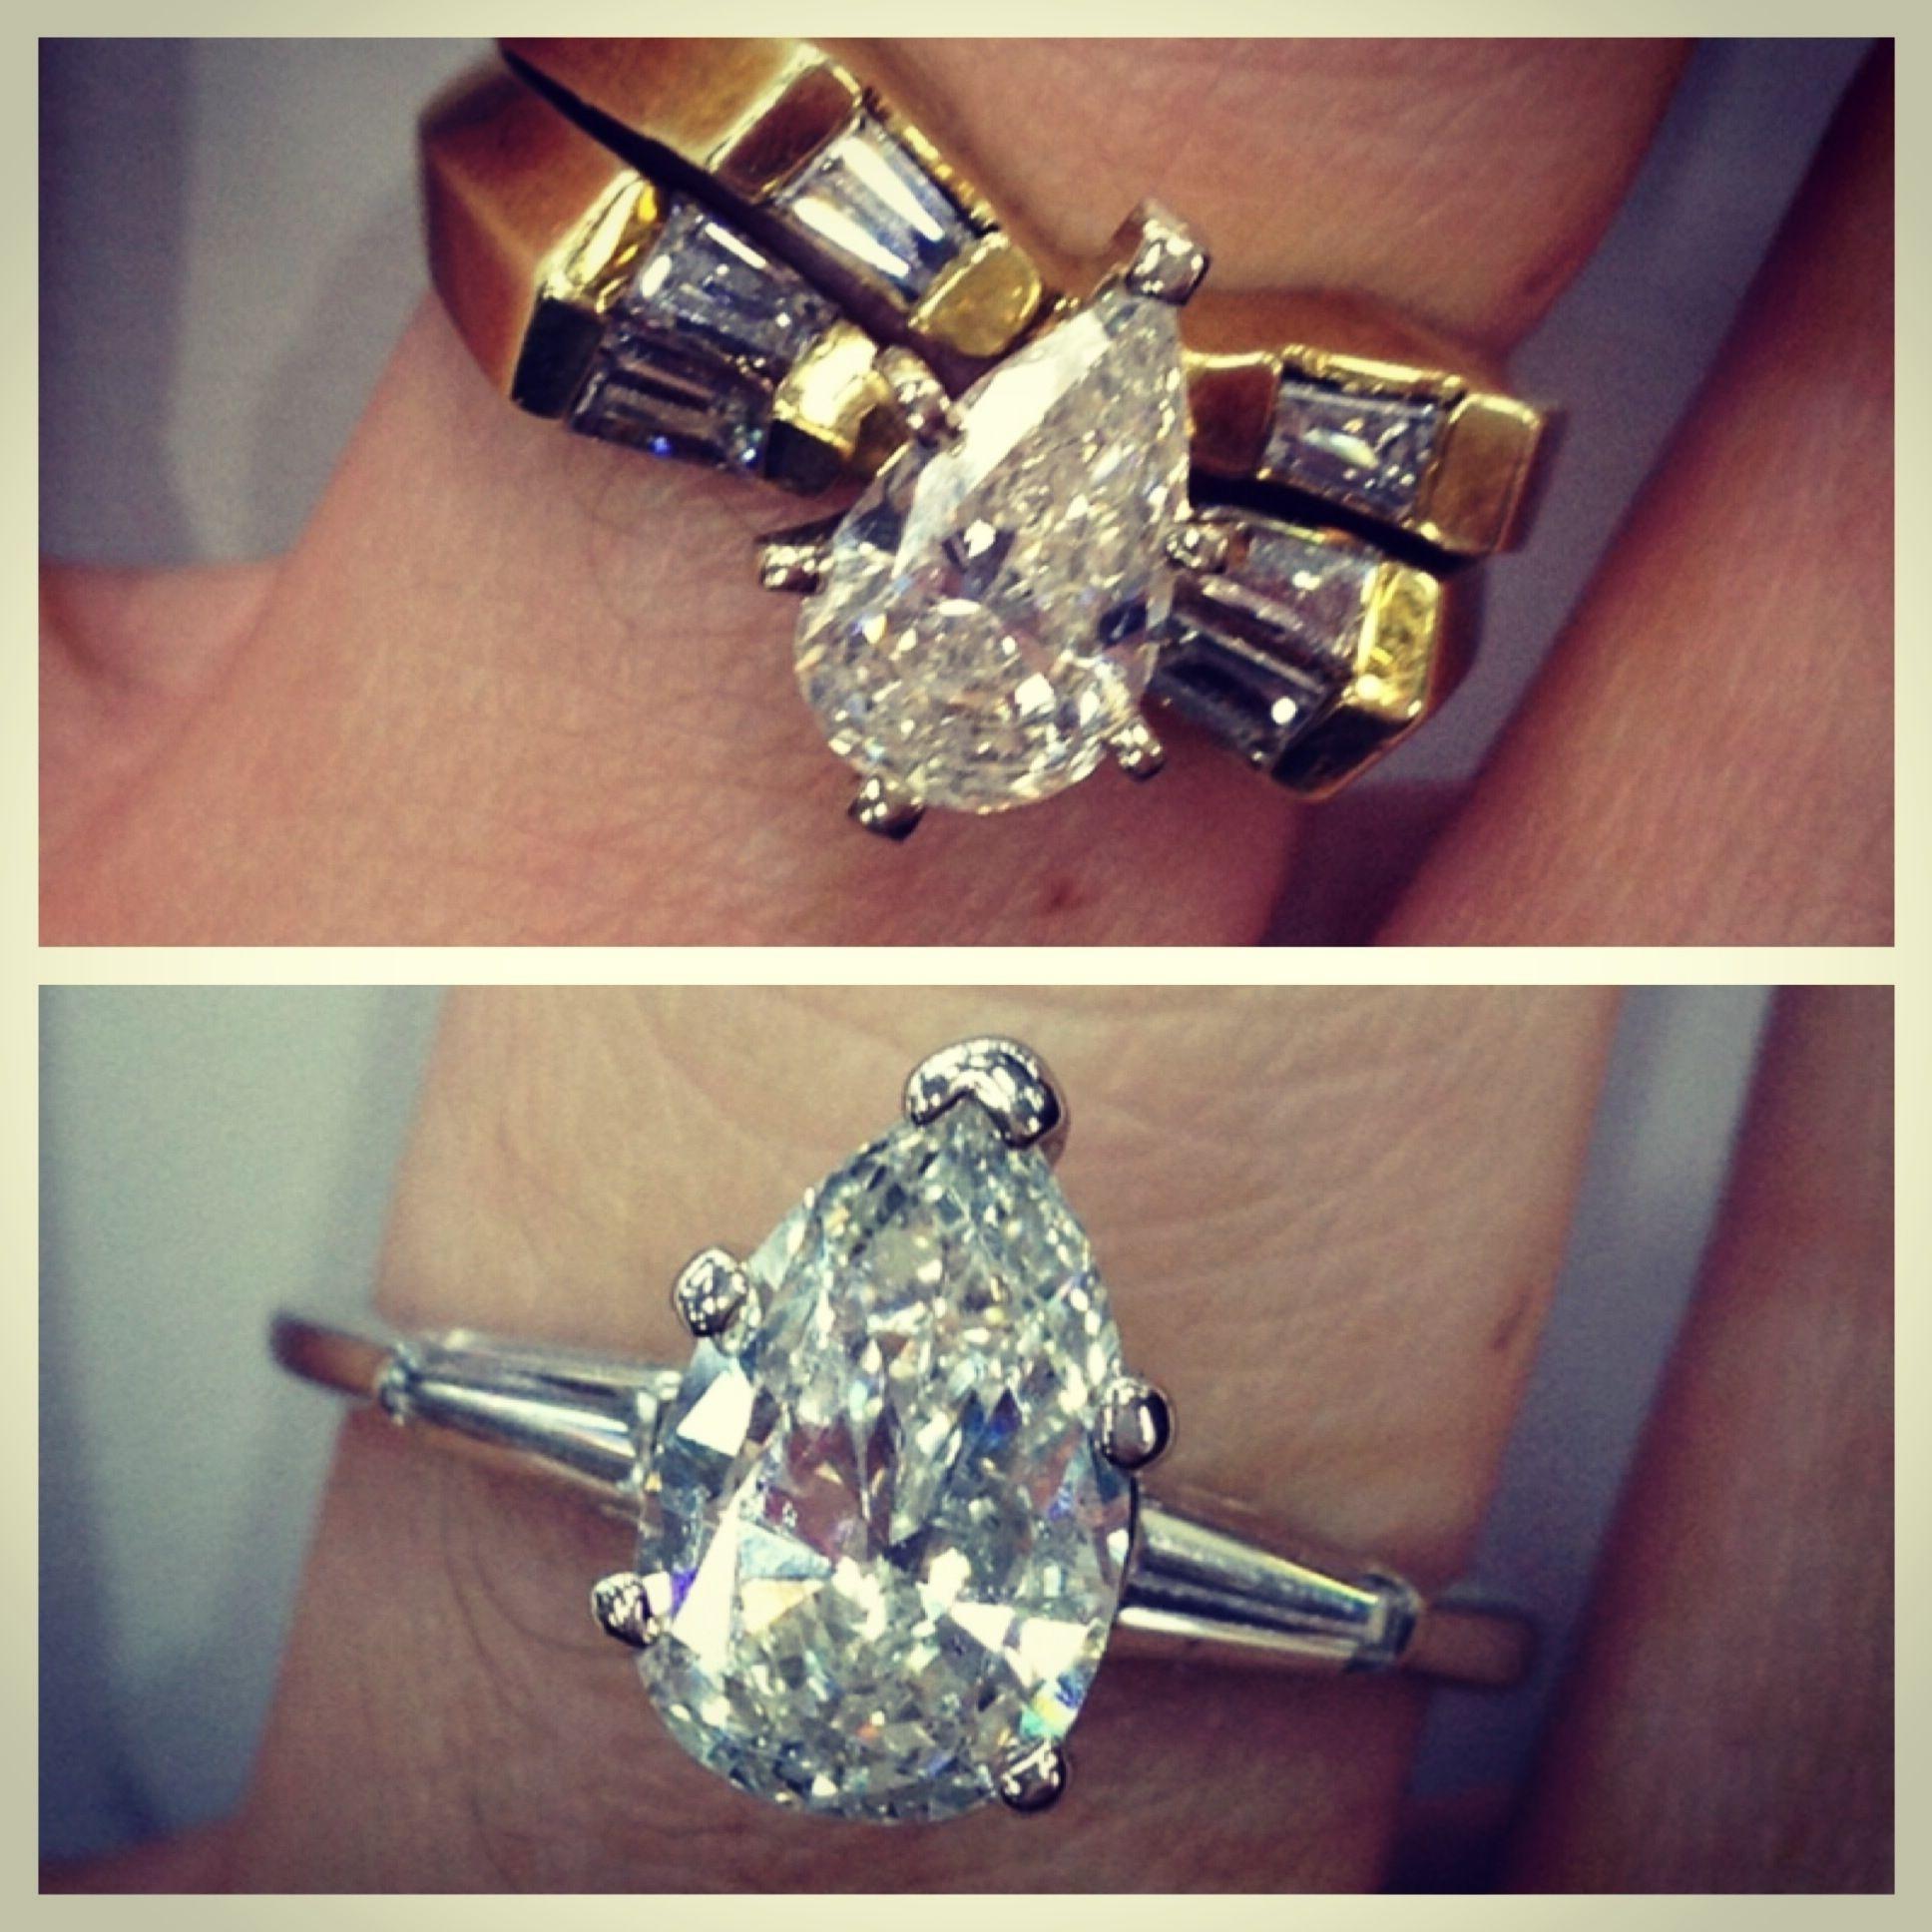 Upgrading Engagement Ring Ireland Ring Pinterest Ireland